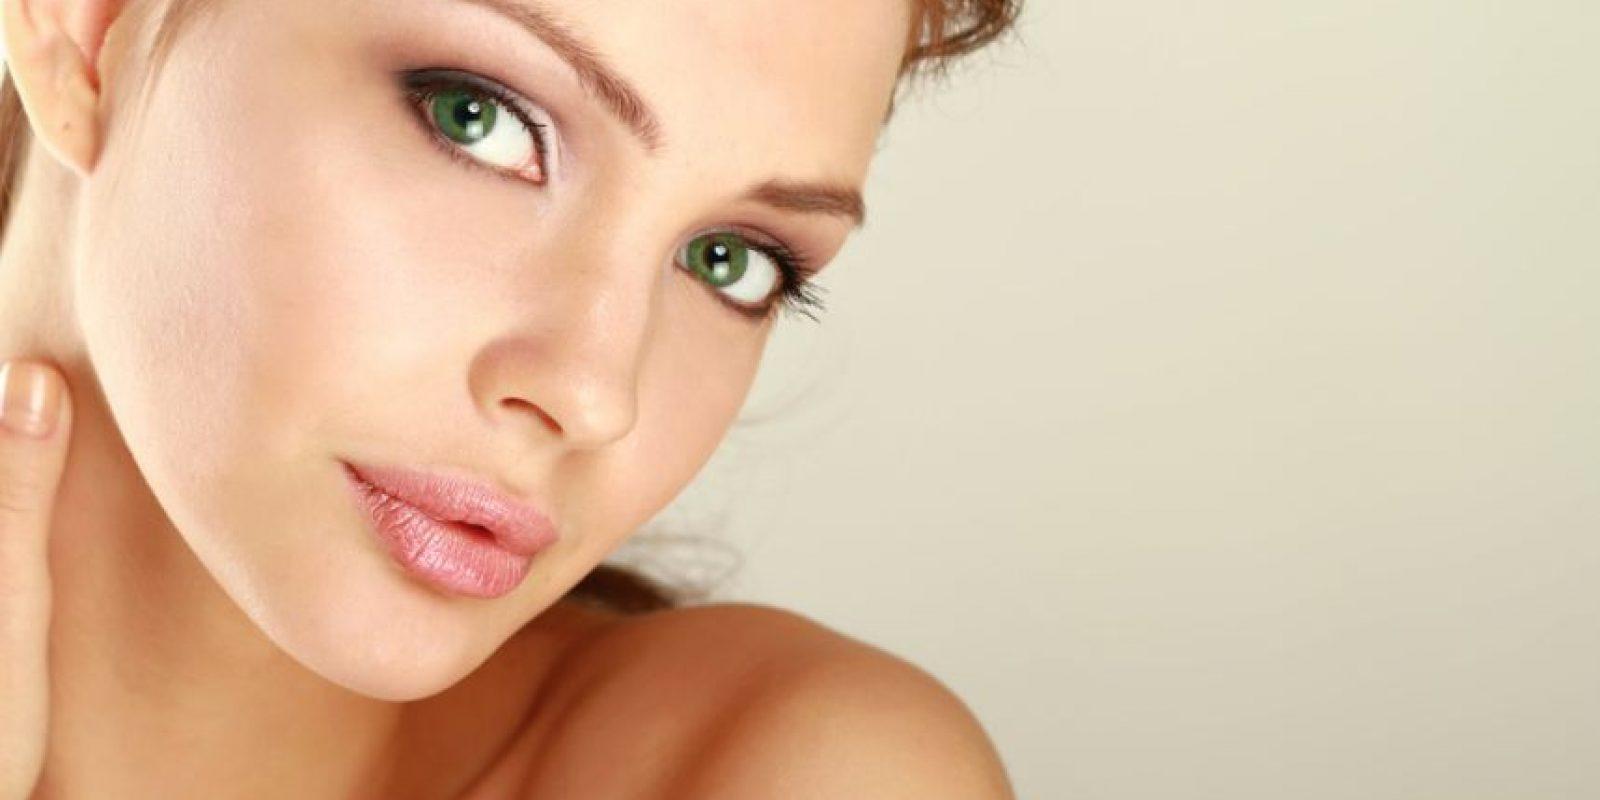 ¿Le temes a la hidratación por el brillo que provoca en tu rostro? Tranquila, utiliza una base matificantes que te ayude a controlar los brillos. Foto:Shutterstock